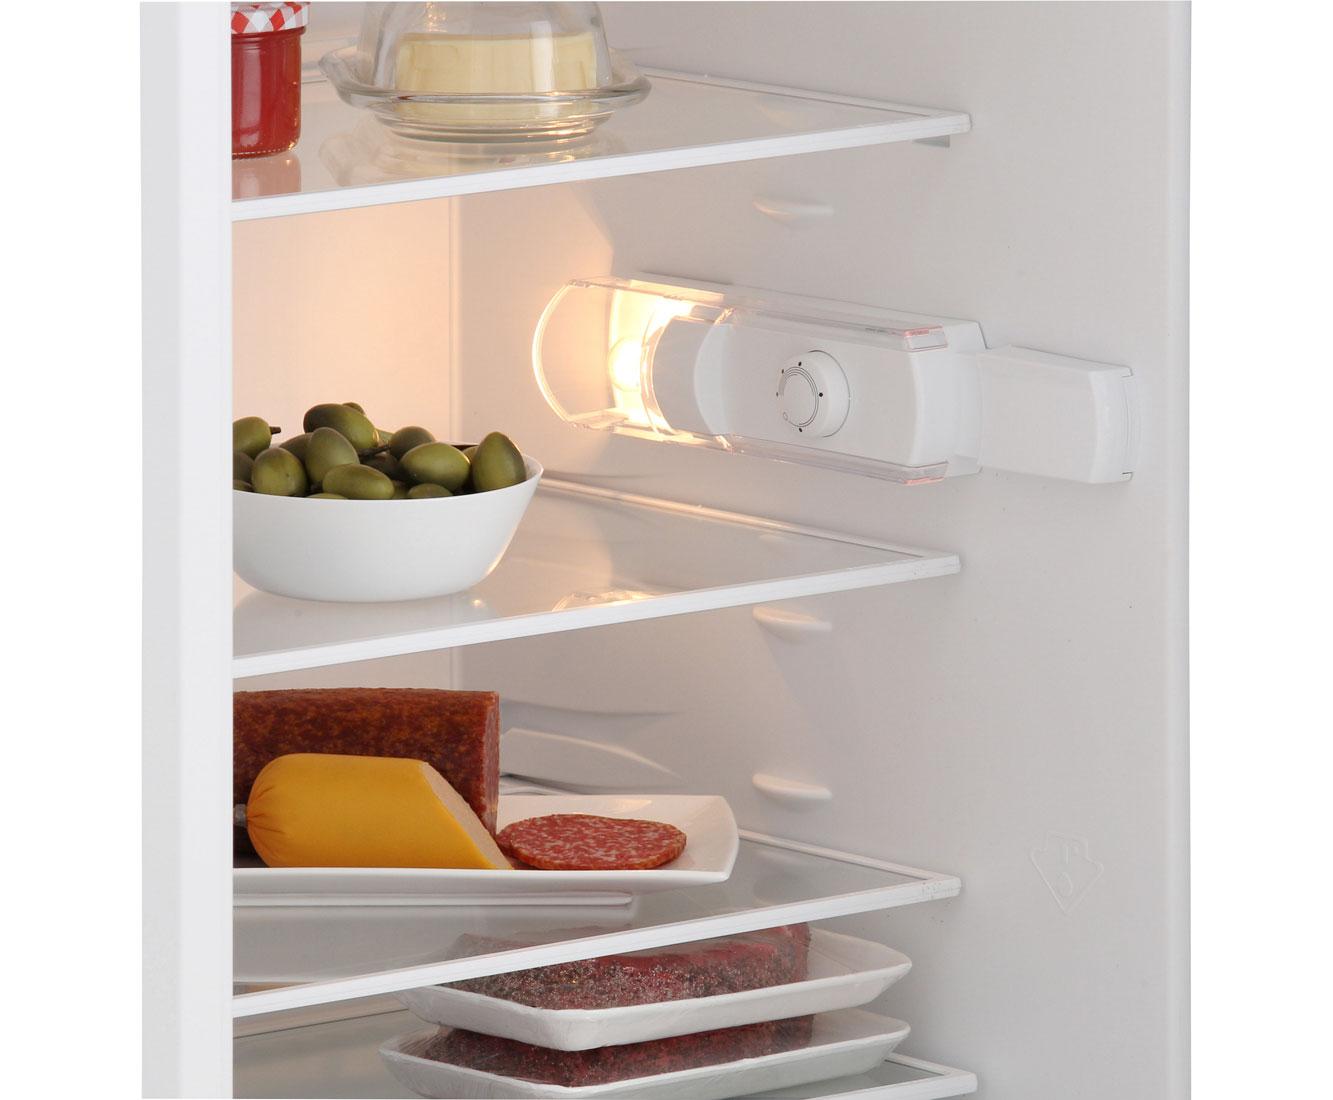 Gorenje Kühlschrank Tür Schliesst Nicht : Kühlschrank festtür einstellen kühlschrank modelle